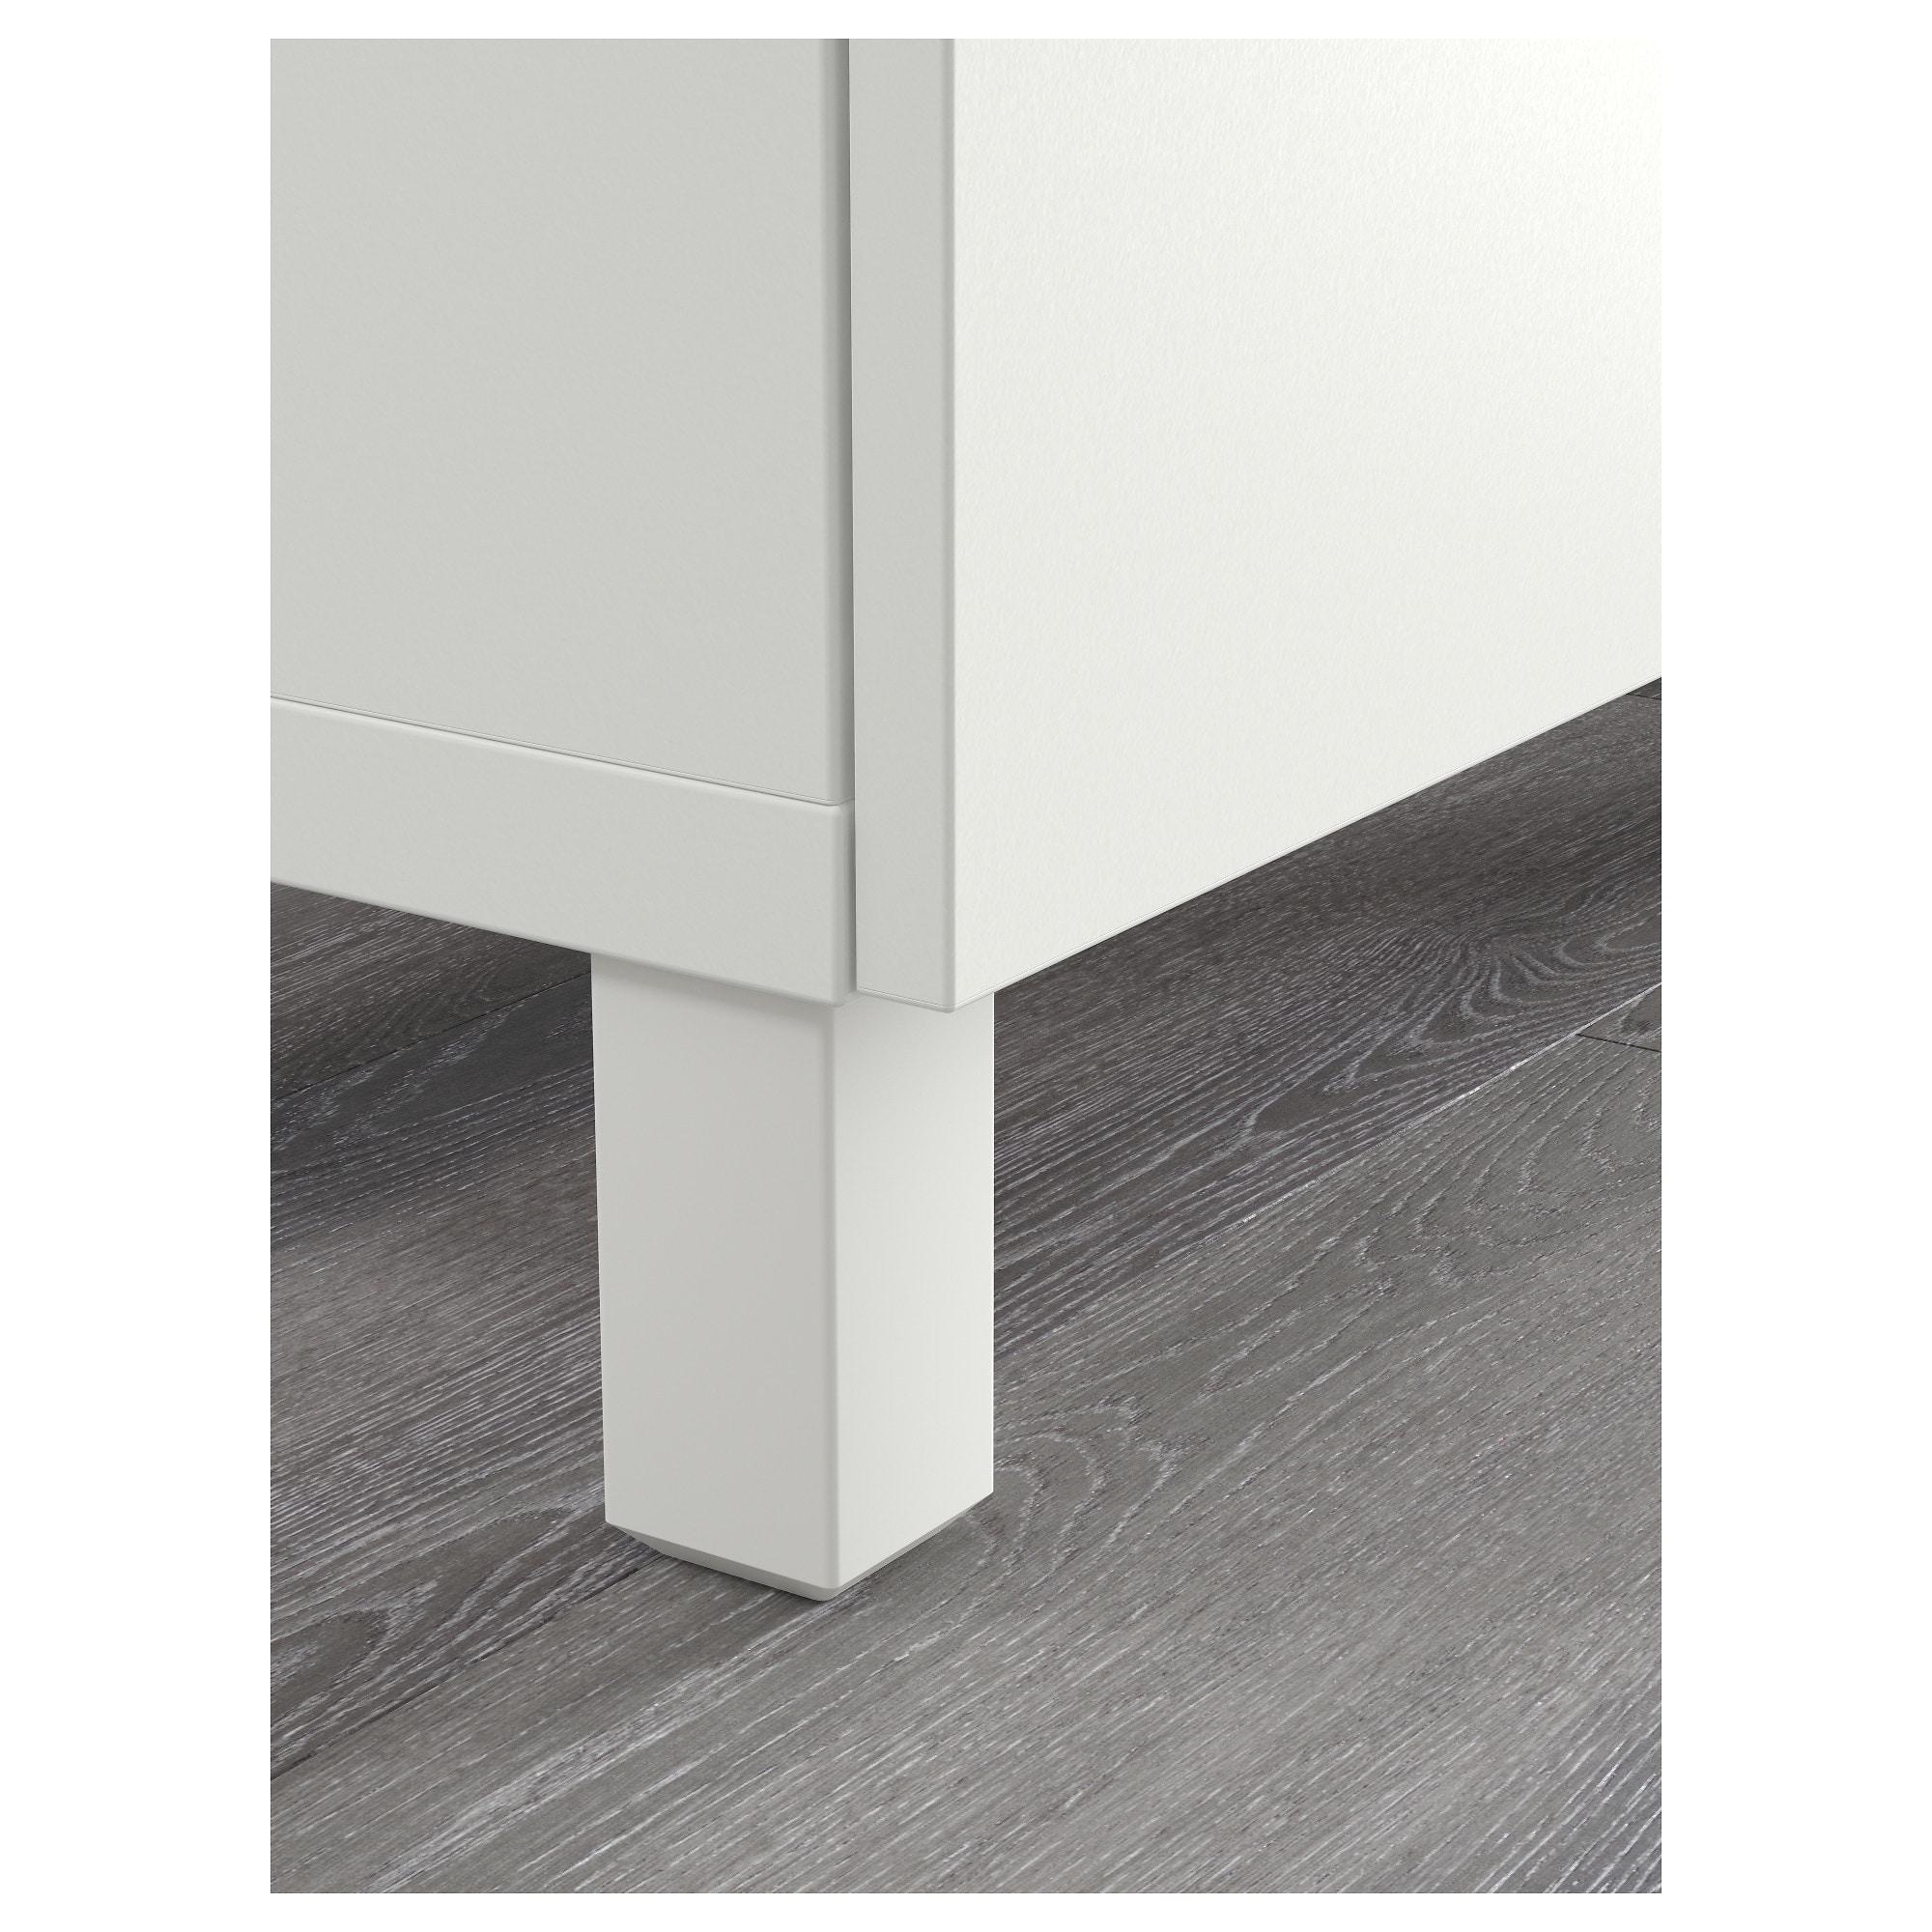 Mueble Consola Ikea Dddy Bestà Mueble De Salà N Con Almacenaje Lappviken Blanco 120 X 40 X 74